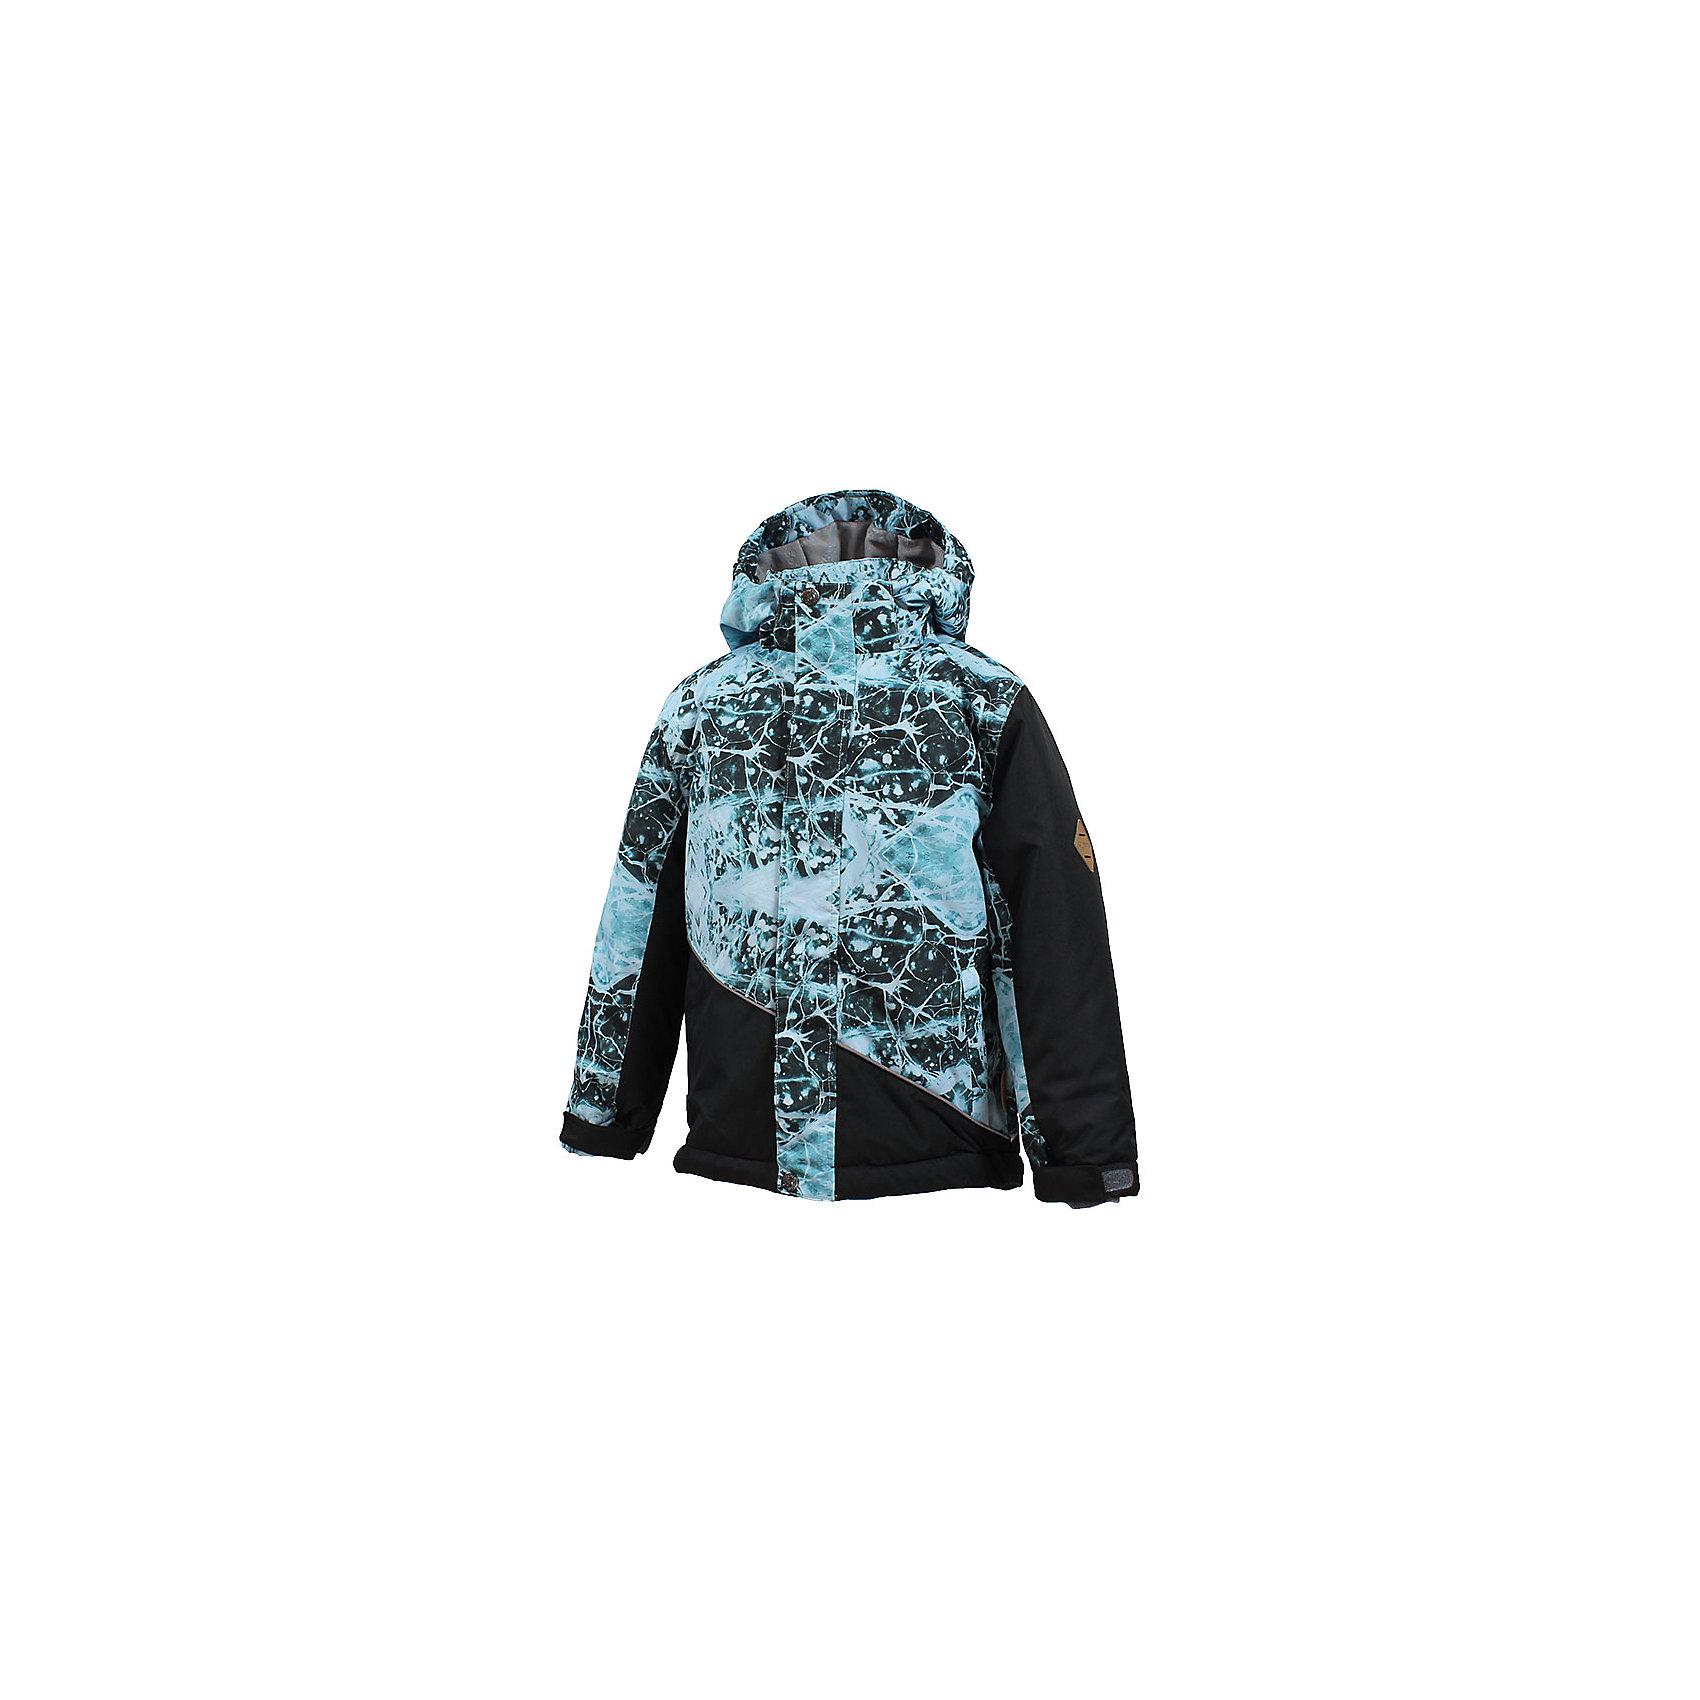 Куртка ALEX HuppaЗимние куртки<br>Характеристики товара:<br><br>• модель: Alex;<br>• цвет: темно - зеленый принт/ черный;<br>• состав: 100% полиэстер;<br>• утеплитель:  нового поколенияHuppaTherm,300 гр.;<br>• подкладка: полиэстер, тафта, флис;<br>• сезон: зима;<br>• температурный режим: от - 5 до - 30С;<br>• водонепроницаемость: 10000 мм;<br>• воздухопроницаемость: 10000 г/м2/24ч;<br>• все швы проклеены и не пропускают влагу;<br>• защитная планка молнии на липучке;<br>• защита подбородка от защемления;<br>• наличие внутренней снегозащиты куртки;<br>• капюшон крепится на кнопки и, при необходимости, отстегивается;<br>• эластичный шнур с фиксатором;<br>• карманы застегиваются на молнию;<br>• светоотражающие элементы в для безопасности ребенка;<br>• регулируемые рукава на липучке с дополнительным вязаным манжетом внутри; <br>• страна бренда: Финляндия;<br>• страна изготовитель: Эстония.<br><br>Куртка Alex  для мальчика изготовлена из водо и ветронепроницаемого, грязеотталкивающего материала. В куртке Alex 300 грамм утеплителя, которые обеспечат тепло и комфорт ребенку при температуре от -5 до -30 градусов.Подкладка —полиэстер, тафта, флис.<br><br>Функциональные элементы: капюшон отстегивается с помощью кнопок, защитная планка молнии на кнопках, защита подбородка от защемления, наличие внутренней снегозащиты куртки,эластичный шнур с фиксатором, карманы застегиваются на молнию,  регулируемые рукава на липучке с дополнительным вязаным манжетом внутри, все швы проклеены и не пропускают влагу,светоотражающие элементы. <br><br>Куртку Alex для мальчика бренда HUPPA  можно купить в нашем интернет-магазине.<br><br>Ширина мм: 356<br>Глубина мм: 10<br>Высота мм: 245<br>Вес г: 519<br>Цвет: зеленый<br>Возраст от месяцев: 108<br>Возраст до месяцев: 120<br>Пол: Унисекс<br>Возраст: Детский<br>Размер: 140,152,158,164,170,146,104,110,116,122,128,134<br>SKU: 7025005